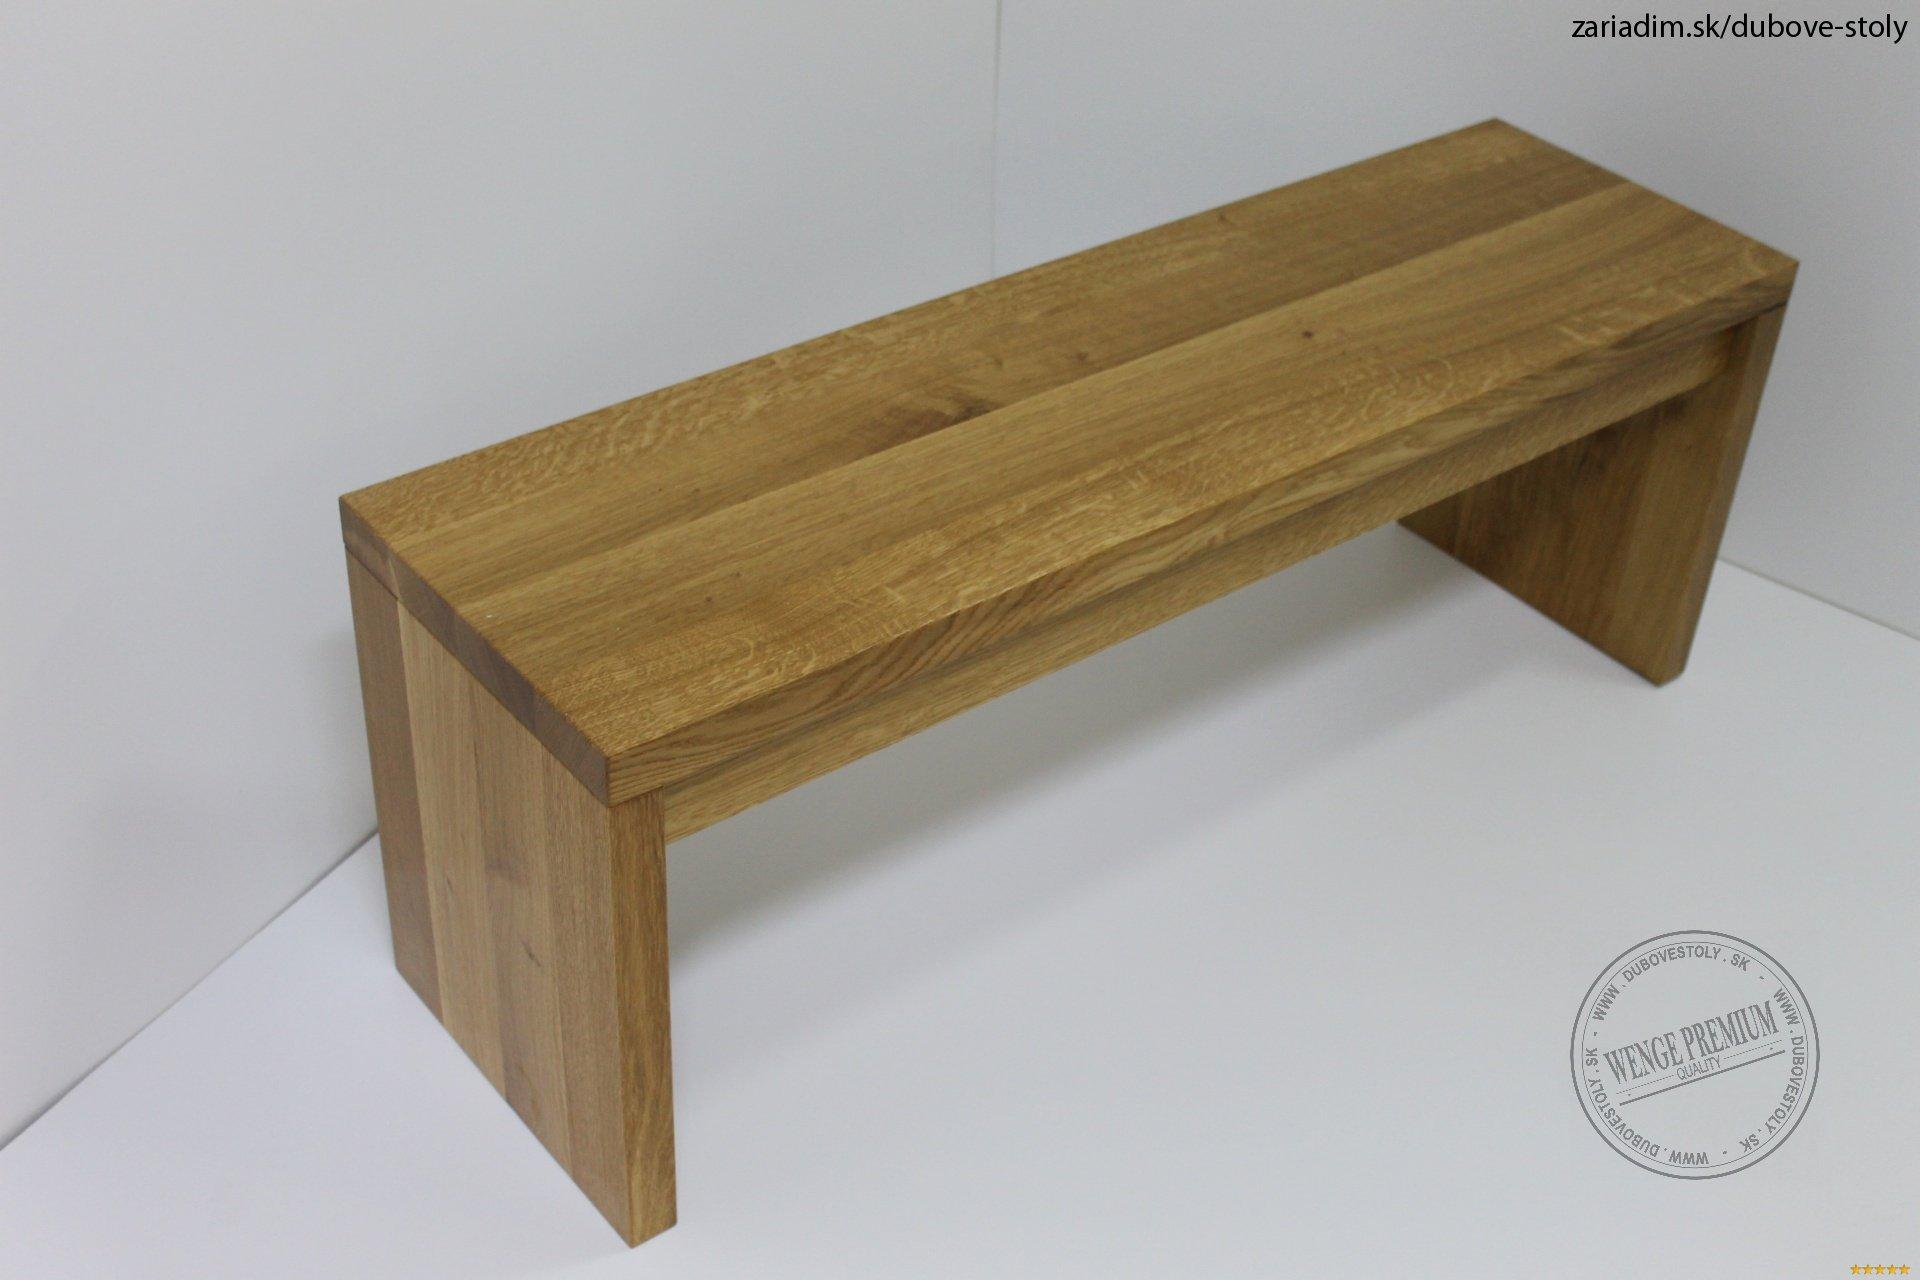 f37e62dbb Dubové stoly - nábytok | zariadim.sk